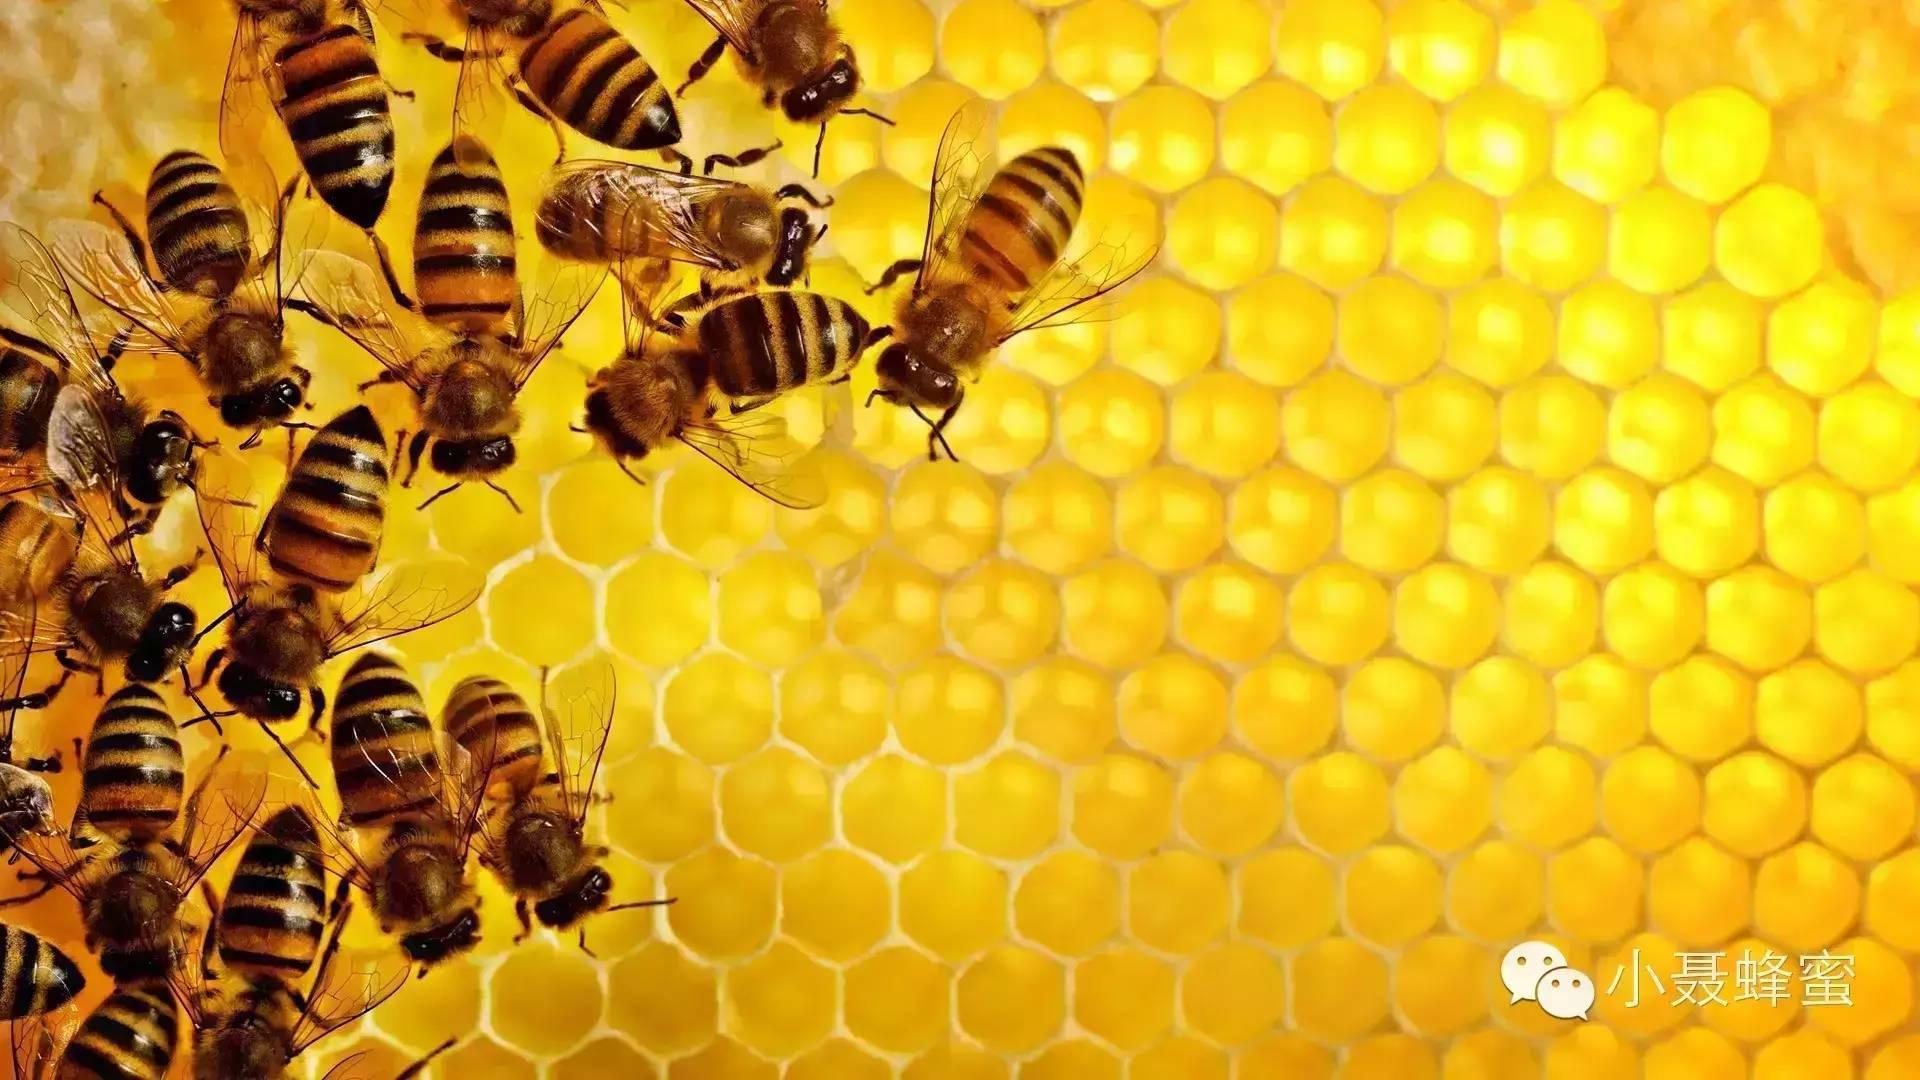 天然纯蜂蜜 无刺蜂属性 蜂蜜 纯天然 农家 怎样鉴别蜂蜜 养蜂方法